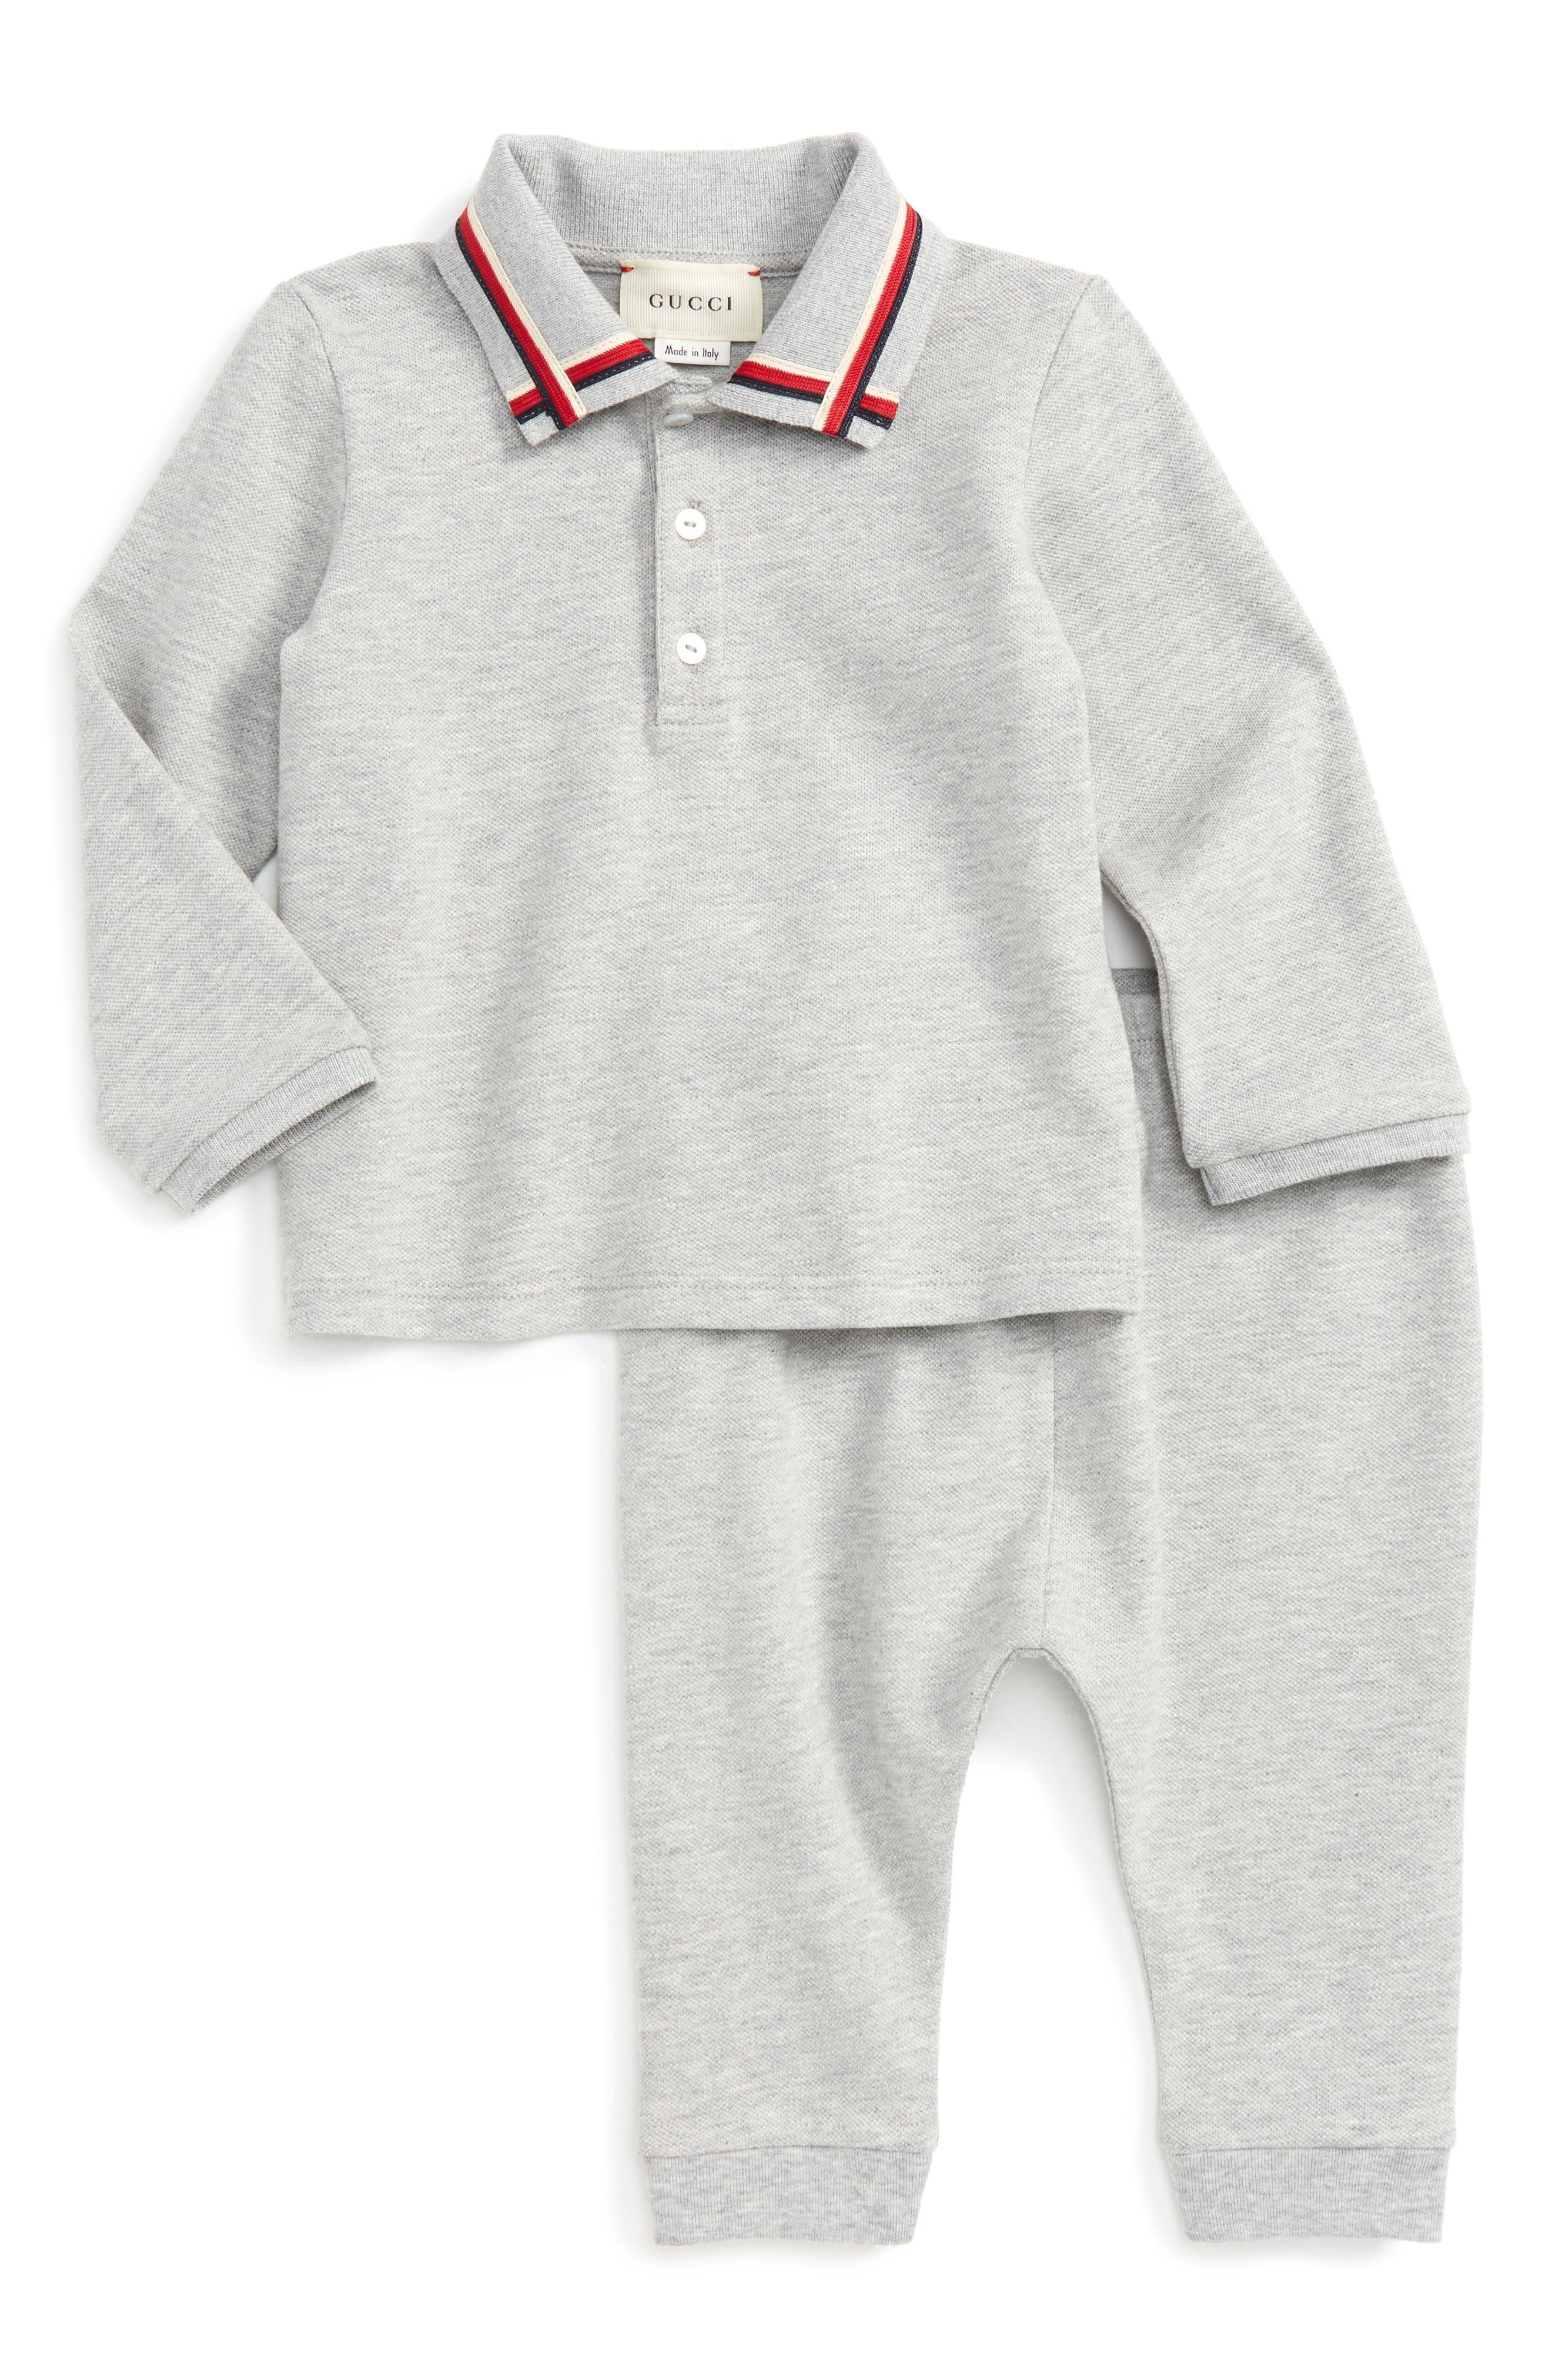 Gucci Polo & Pants Set (Baby Boy)